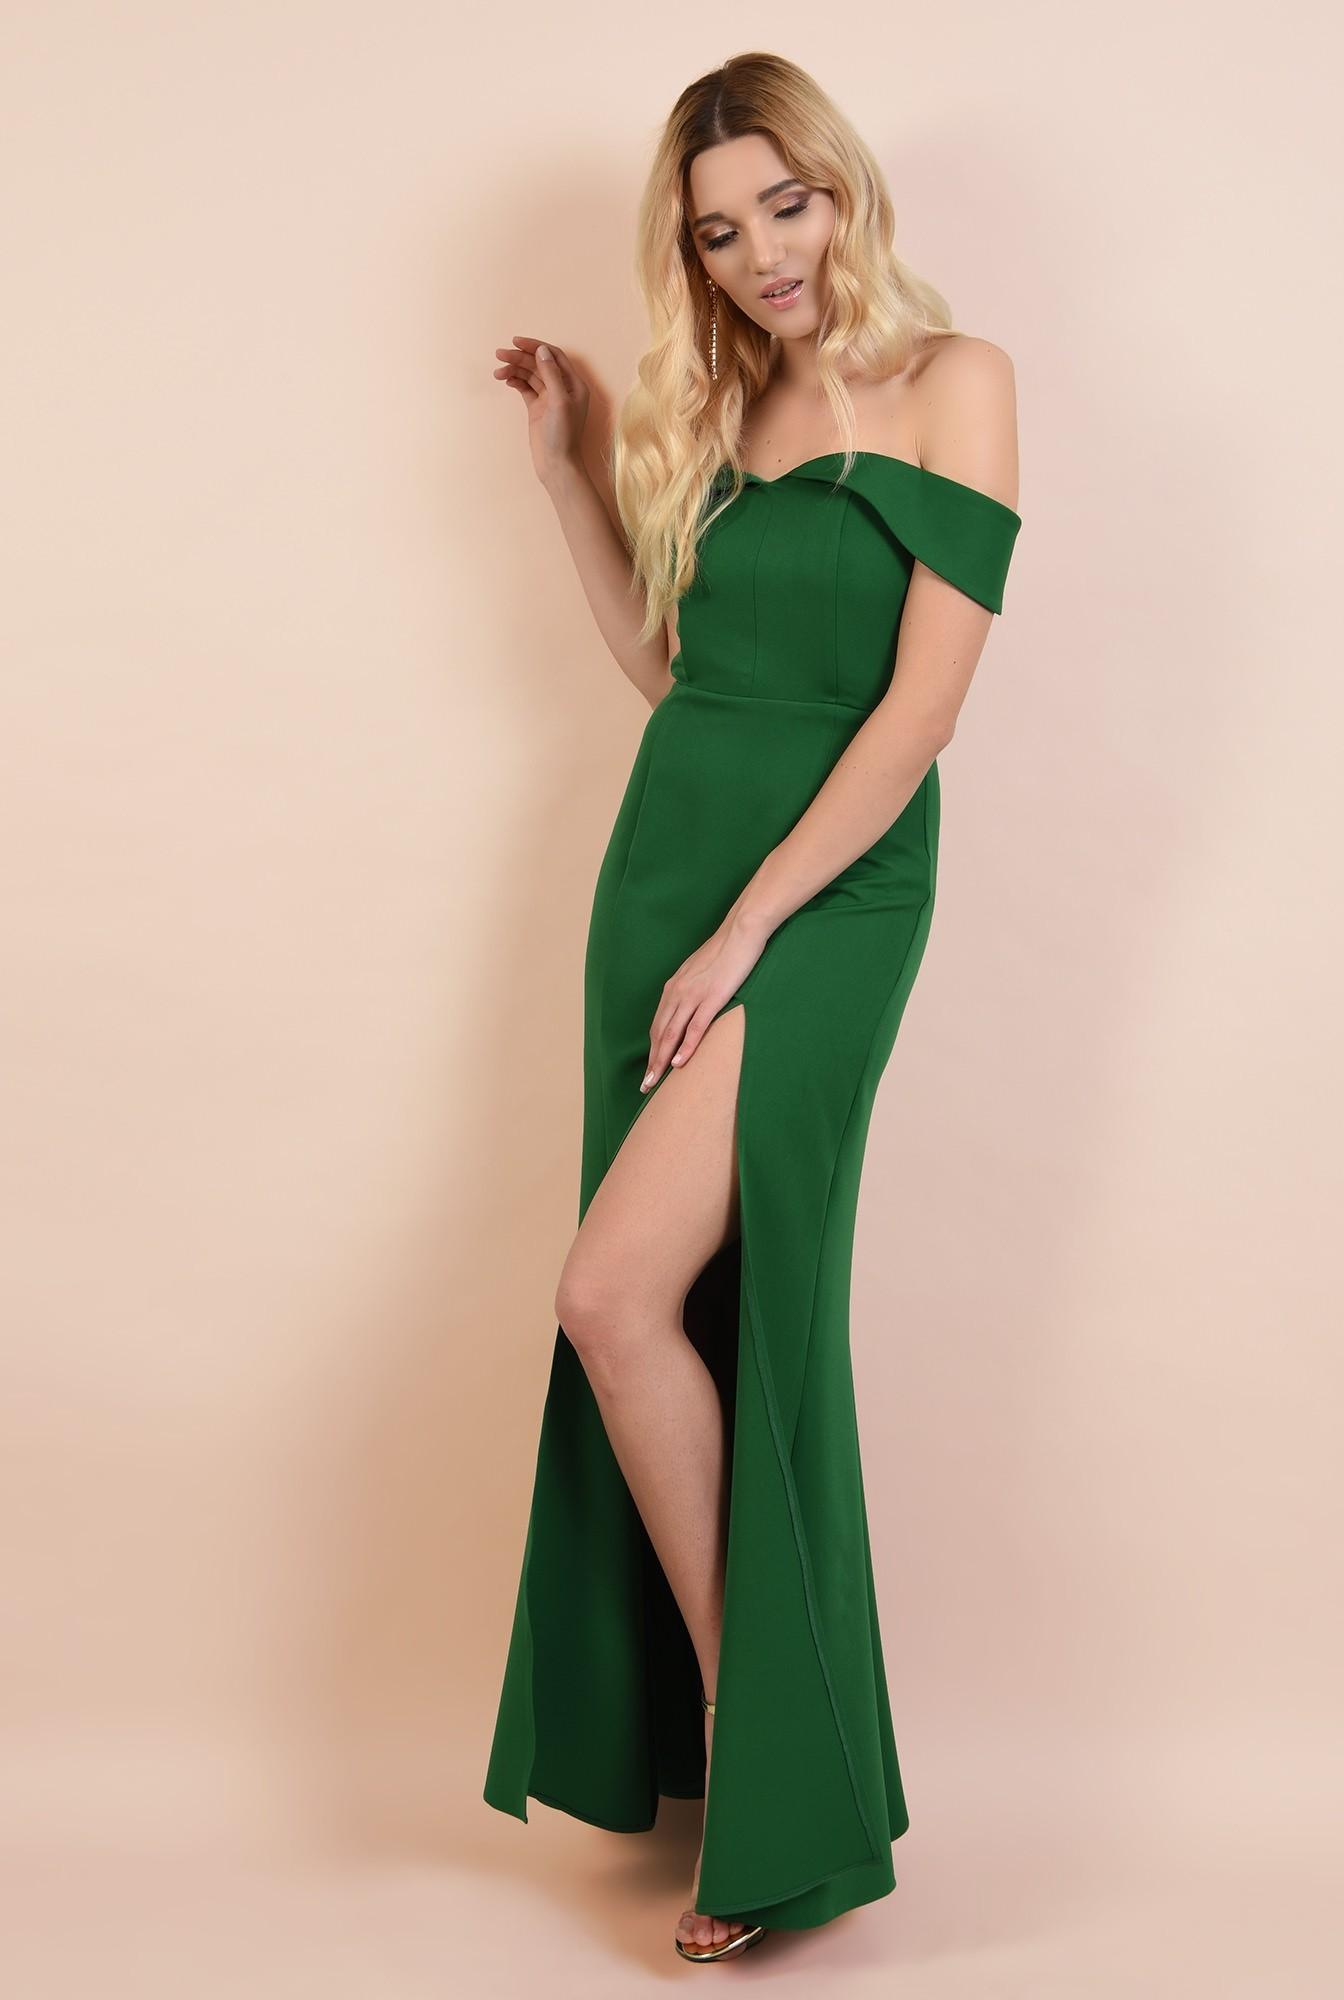 0 - rochie de seara, cu crapeu, umeri goi, decoltata, verde, rochii online